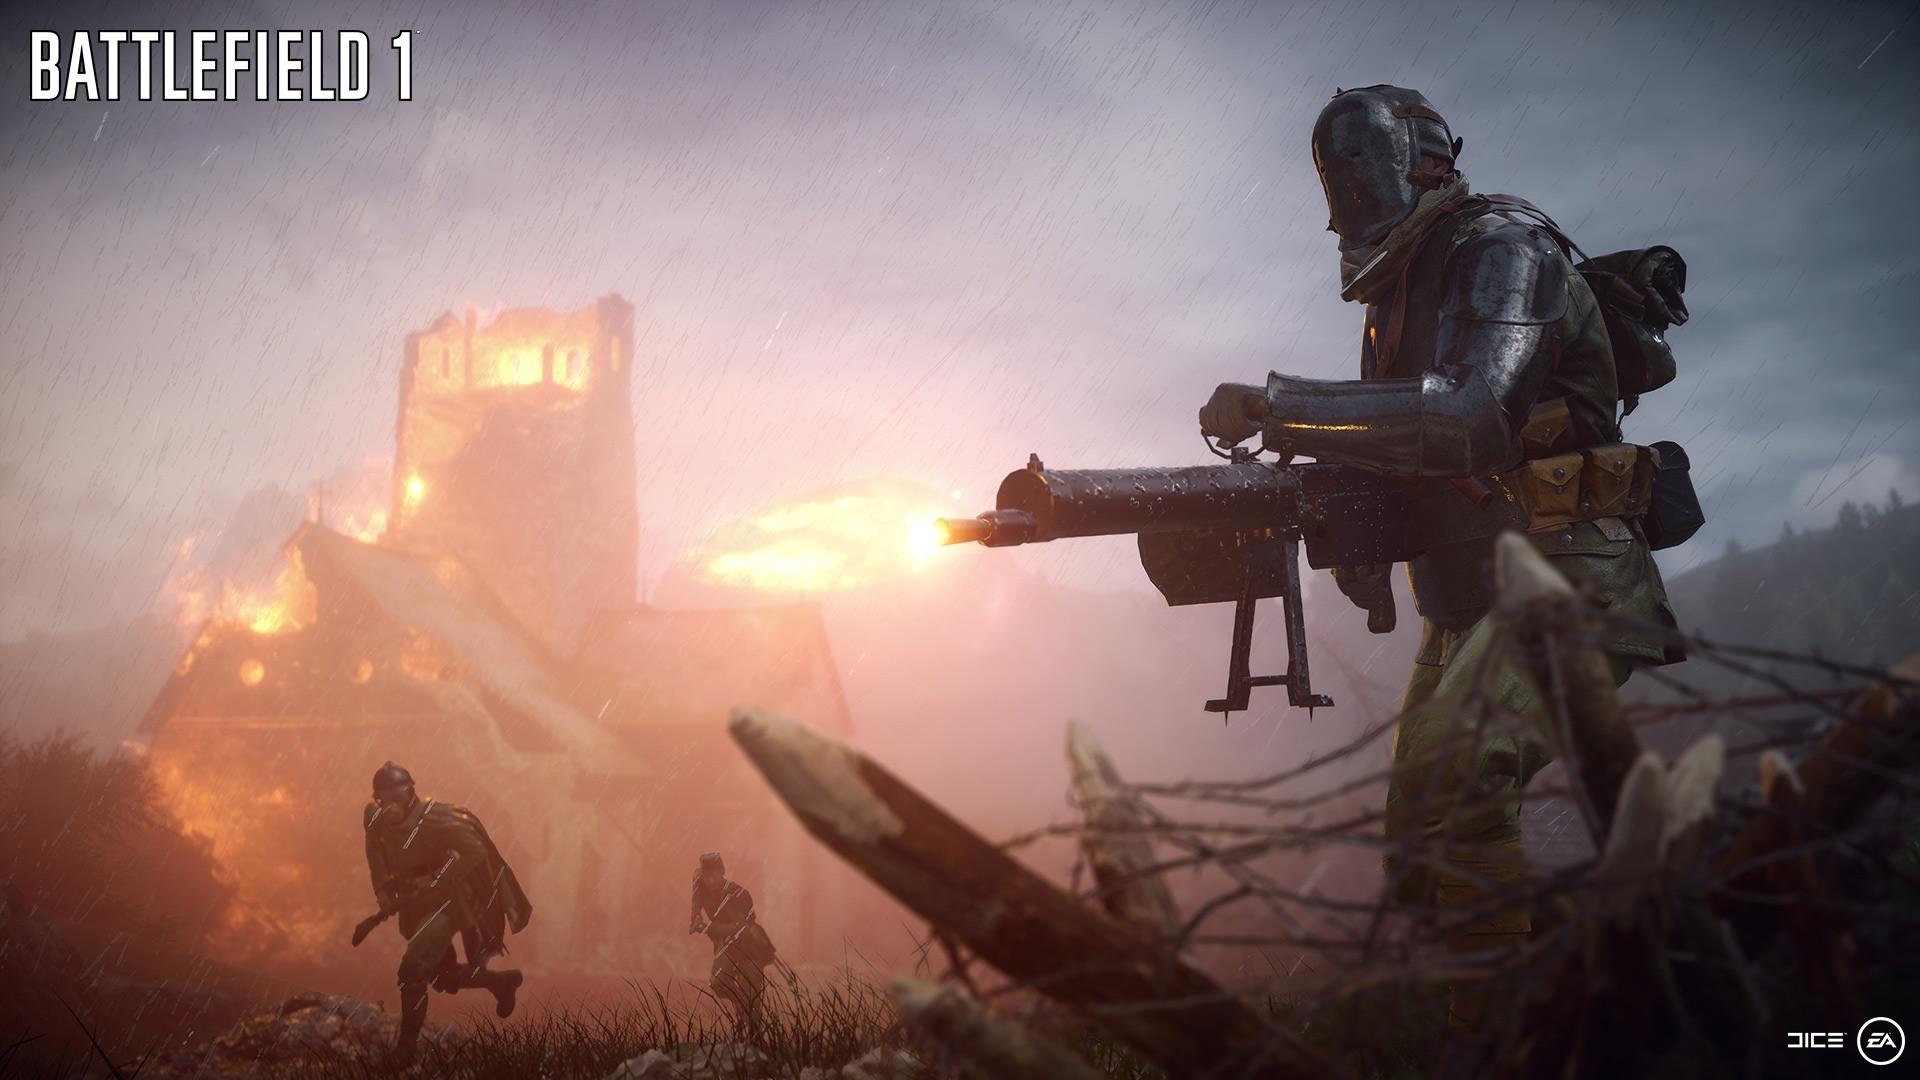 Battlefield 1 open beta скачать торрент на пк - a3